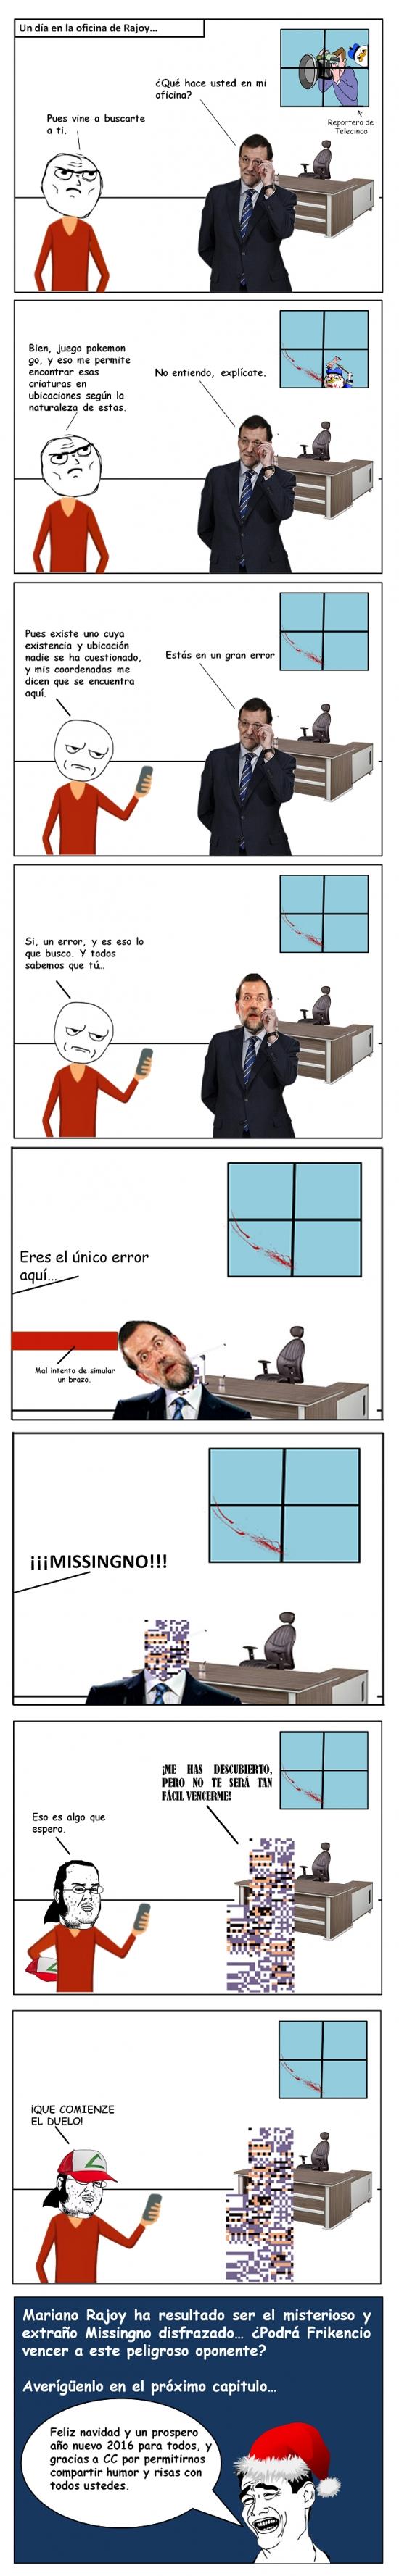 Friki - Rajoy, un error sin sospechar